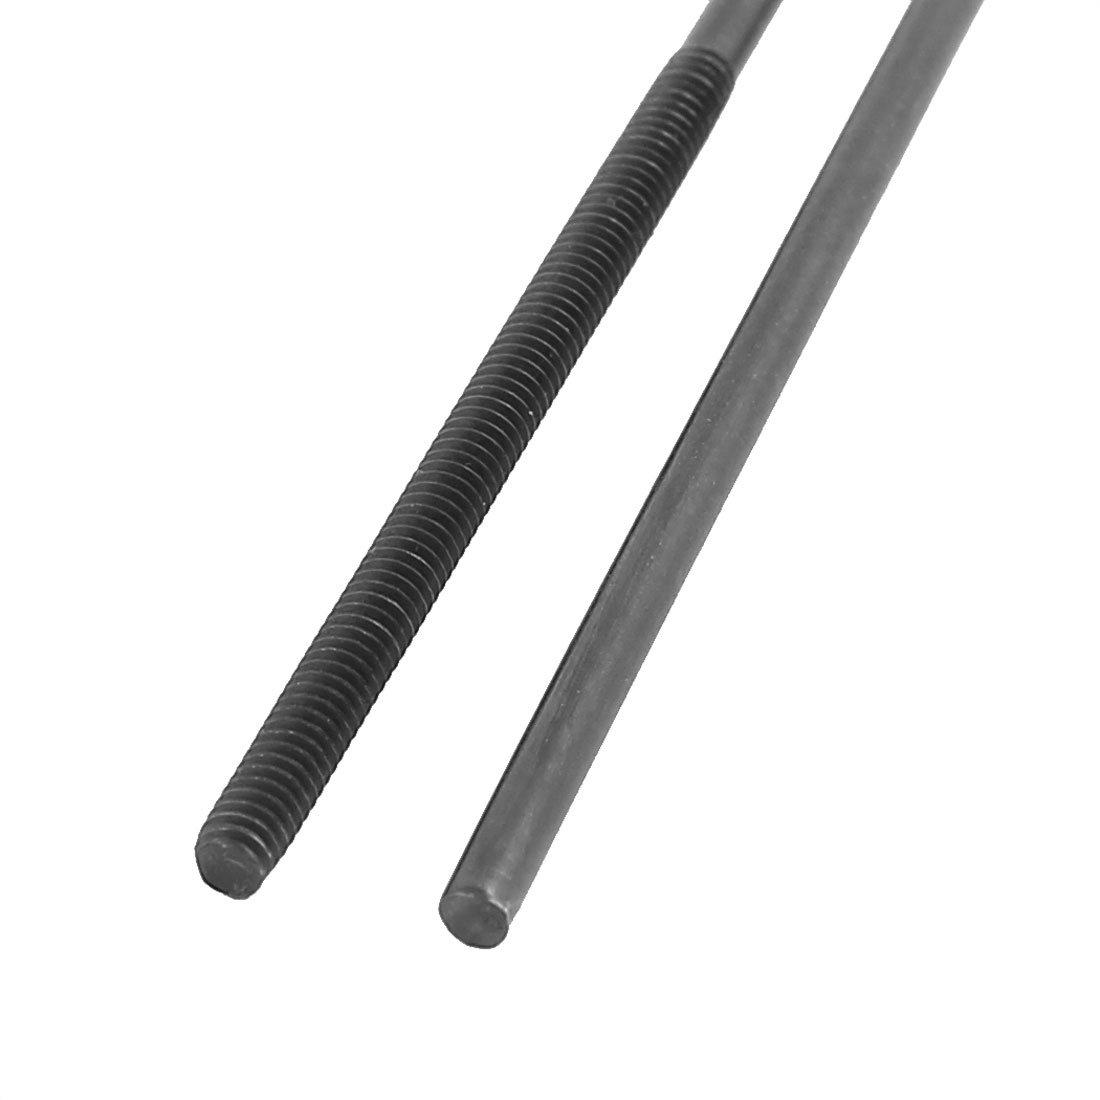 Eine Ende Gewinde 300mm L/änge Metall Schubstange RC Zubeh/ör DE de 2mm Dmr sourcing map 2Stk